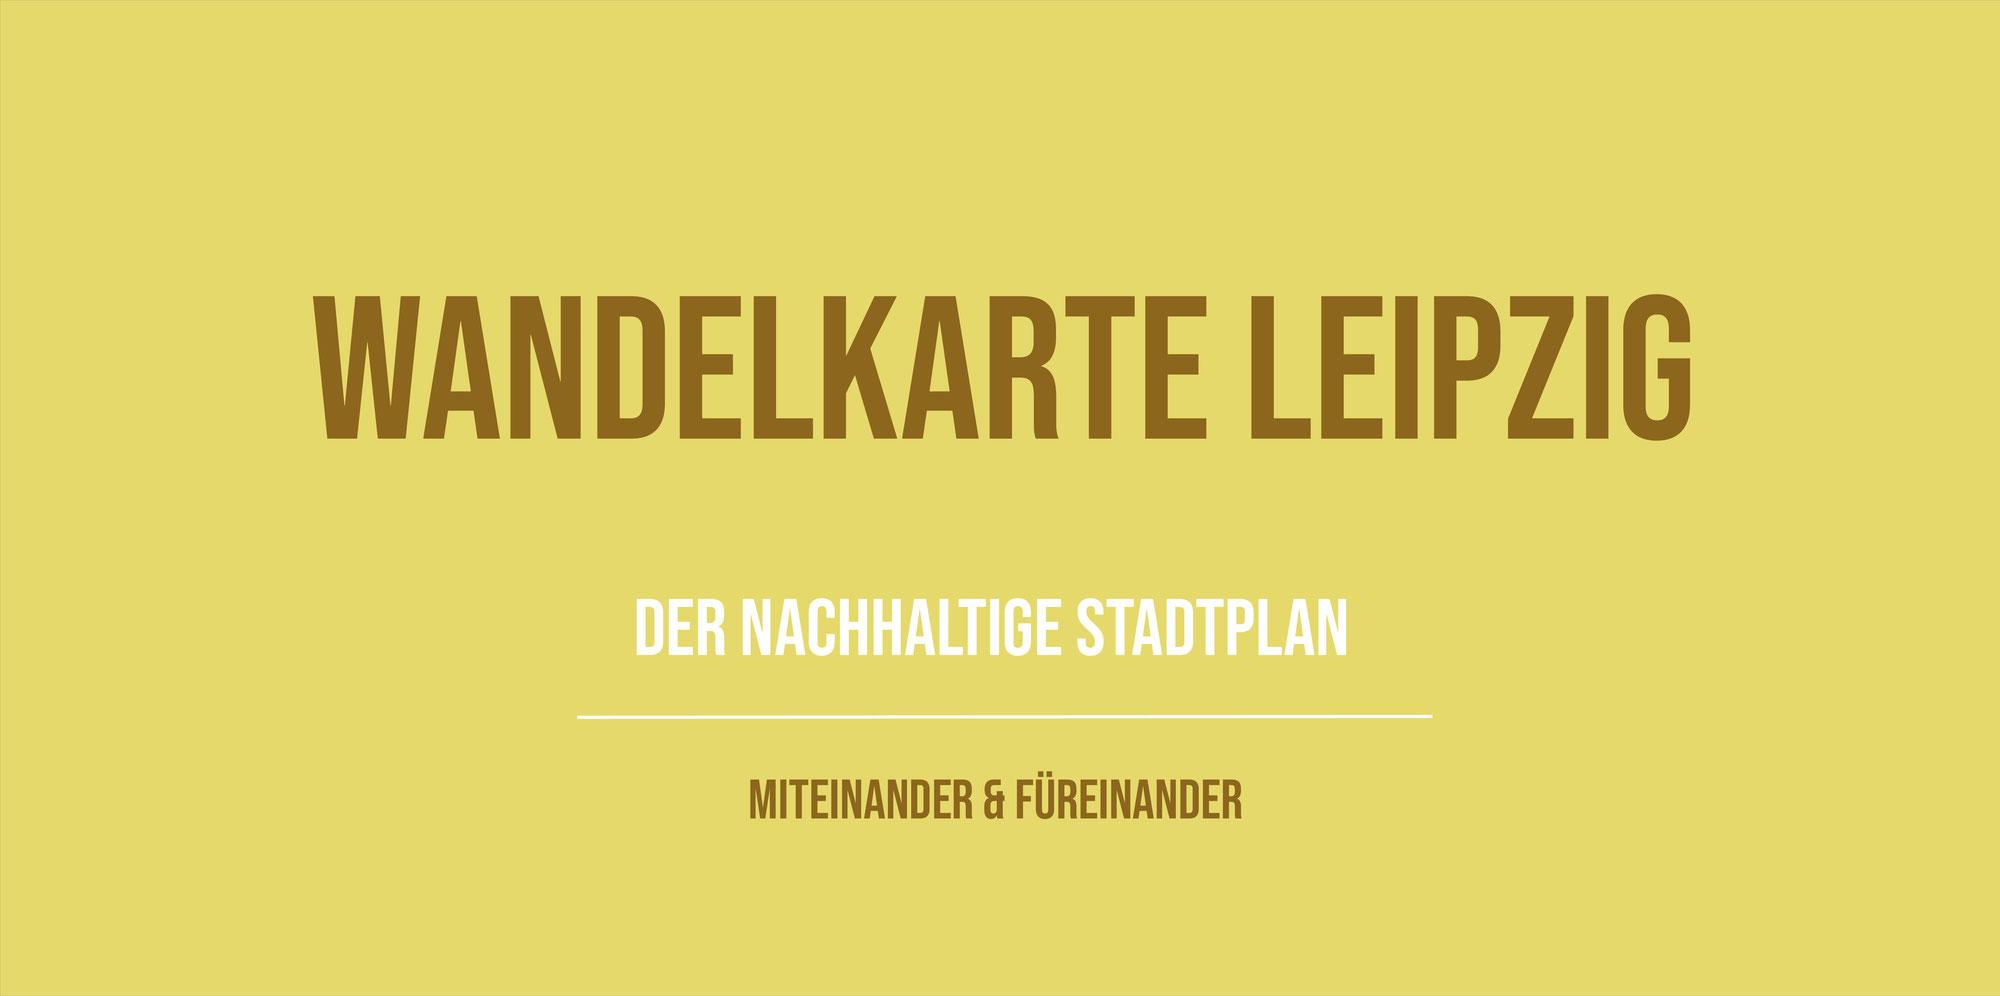 Wandelkarte Leipzig 2021